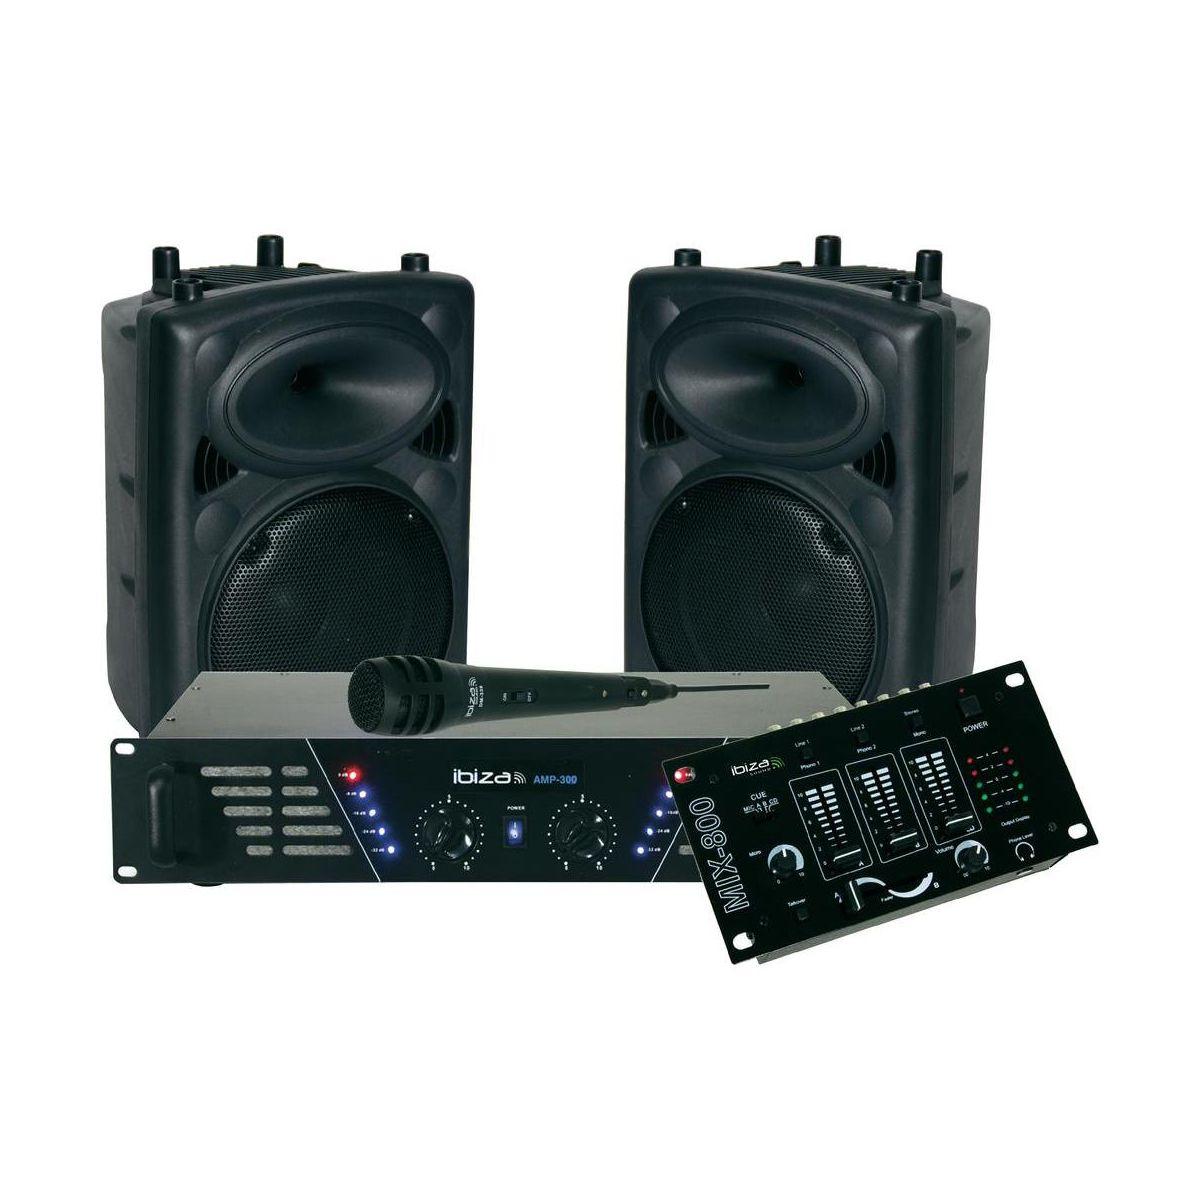 Pack IBIZ DJ300 MKII (photo)